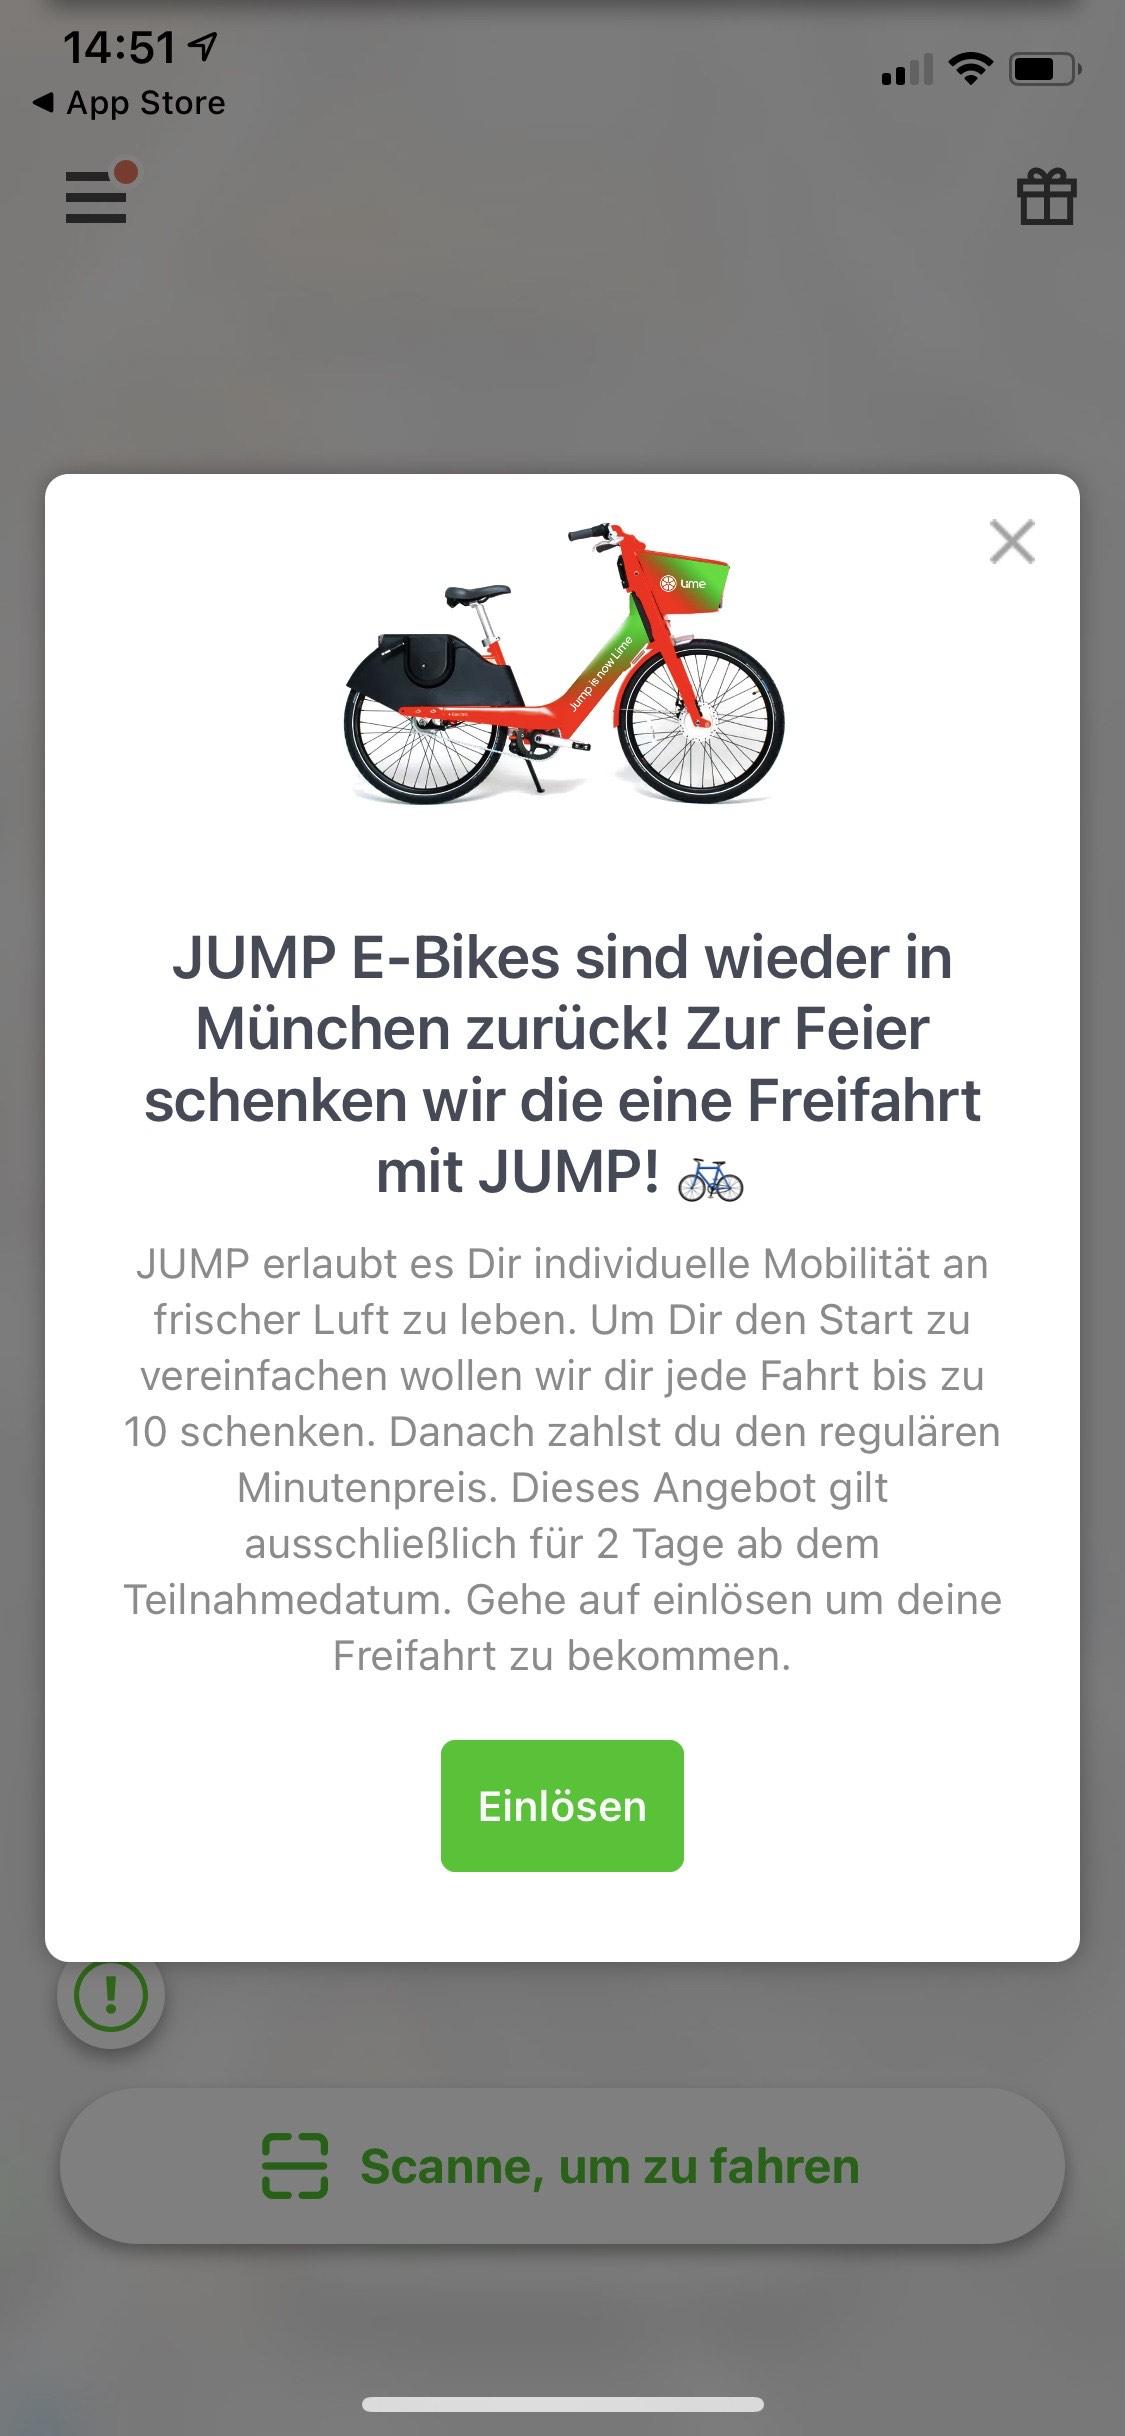 10 Minuten Freifahrt für JUMP Bikes [München]